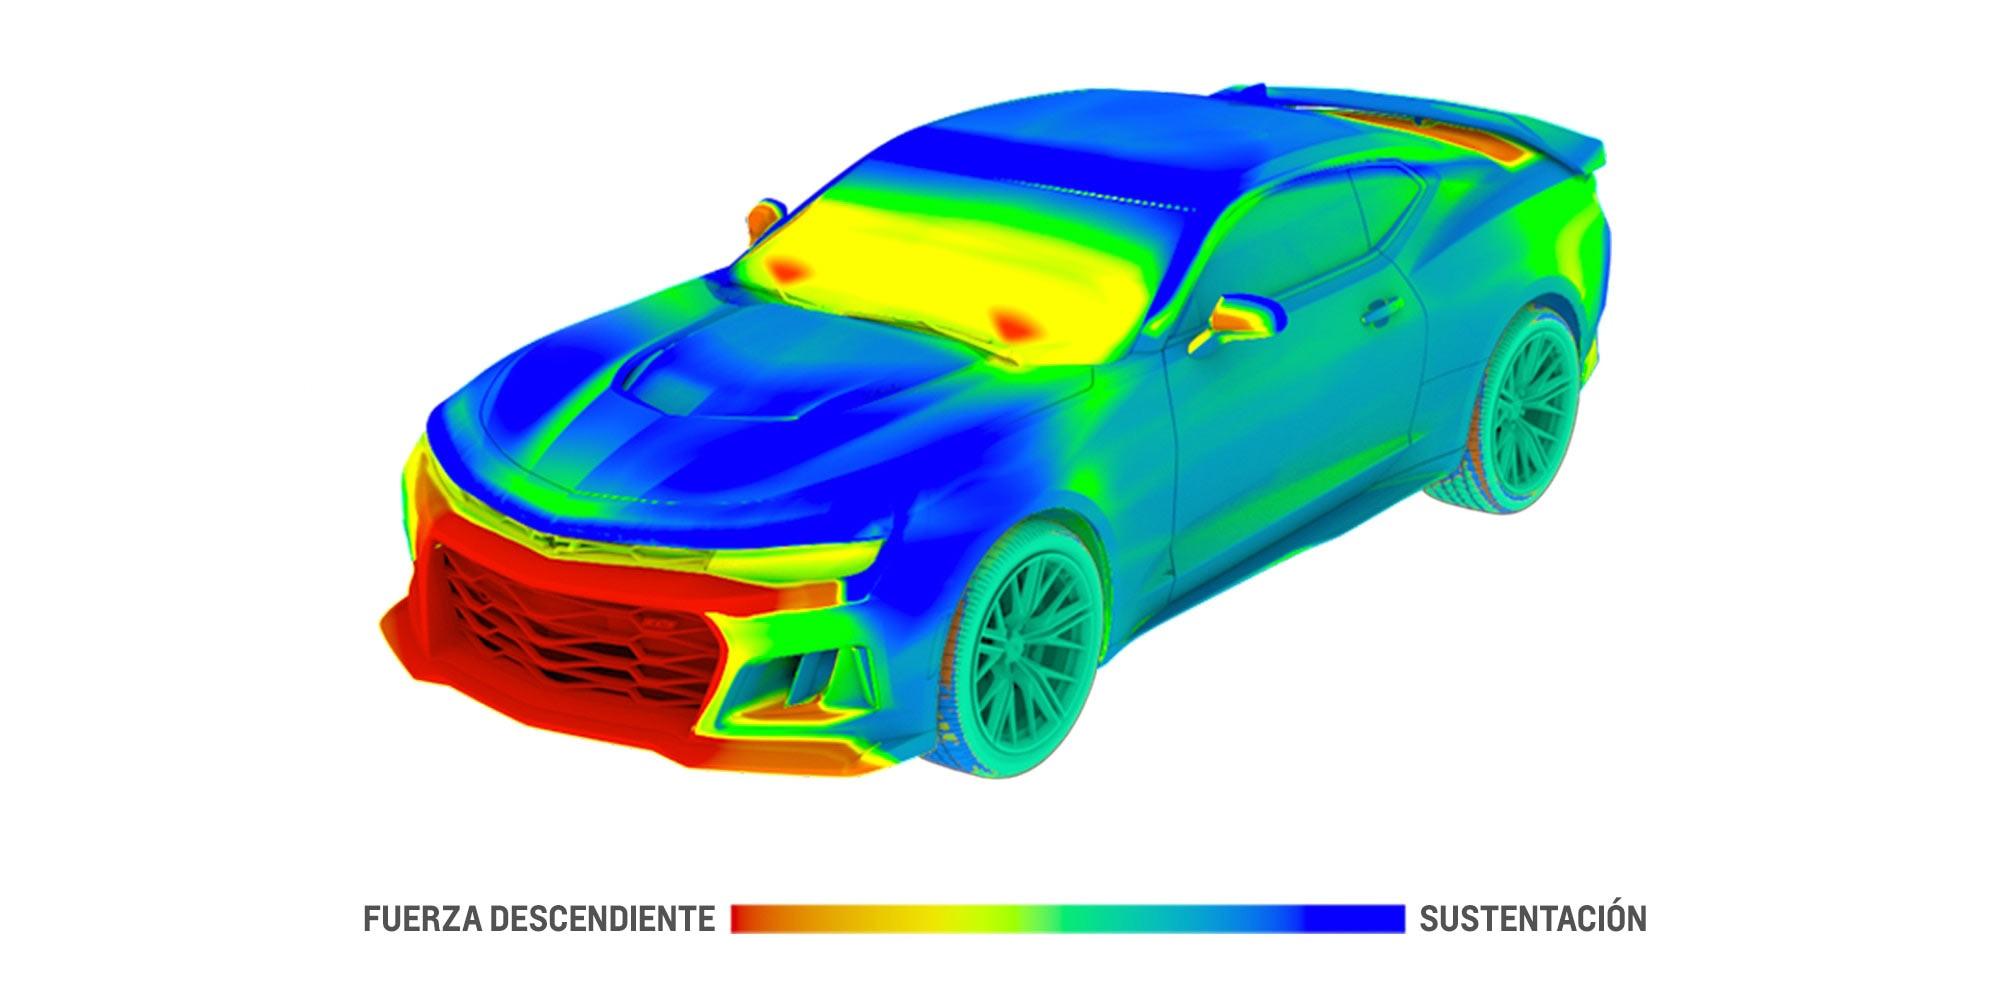 Desempeño del auto deportivo Camaro 2018: modelo aerodinámico